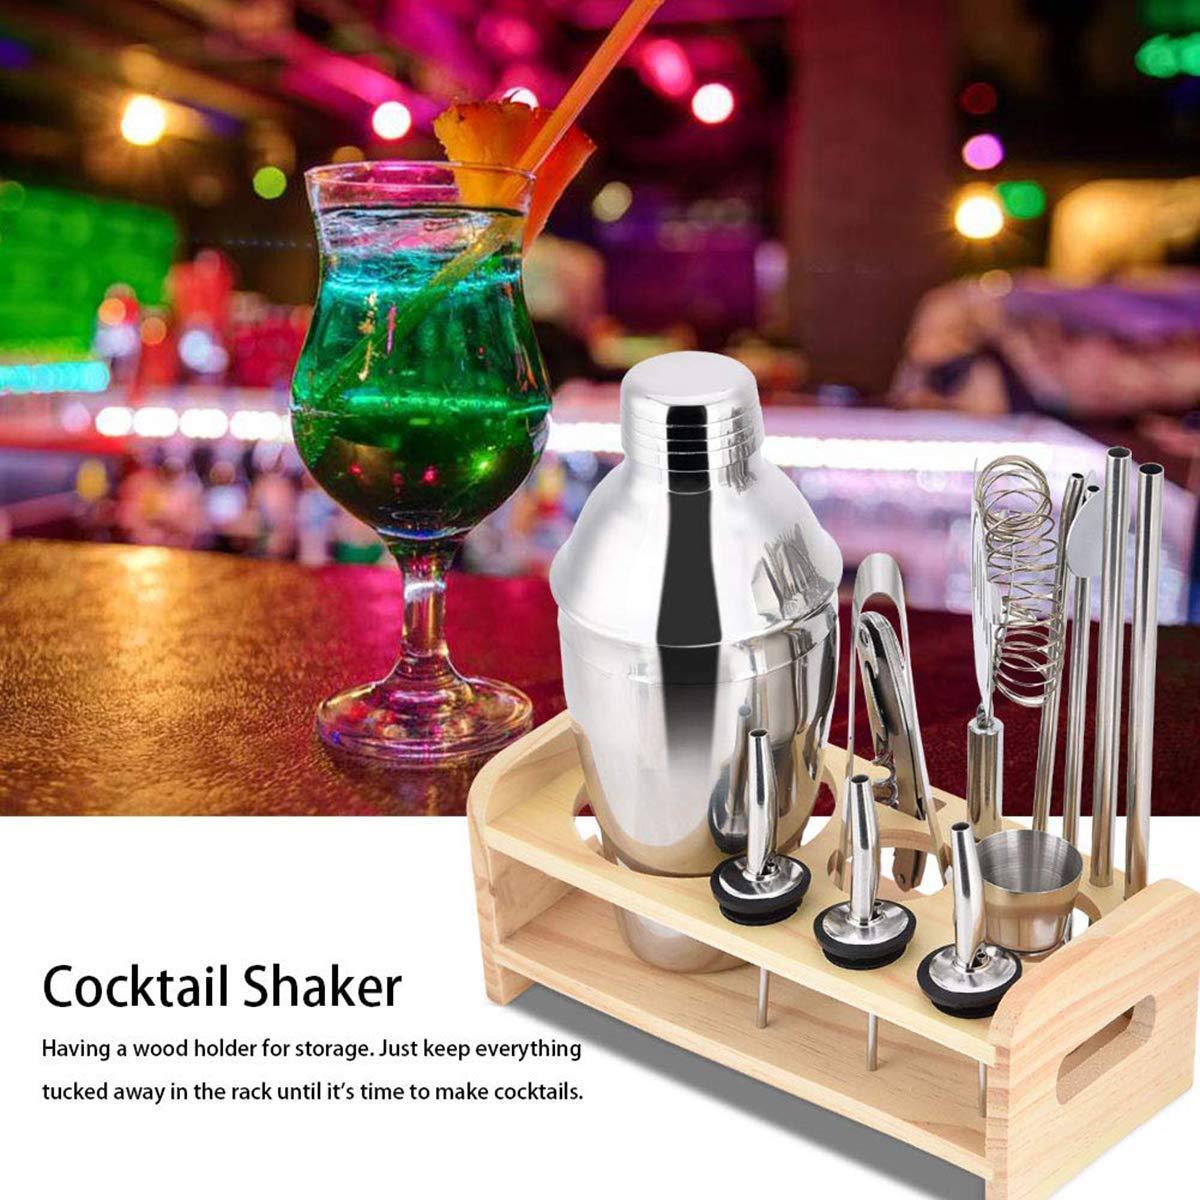 Lychee-Professionelles-Edelstahl-Cocktailshaker12-TLGPremium-Cocktail-Shaker-SetCocktailshakerPerfektes-Zuhause-und-Bar-Kit-Geschenk-Set-mit-9-Whisky-Steinen055ML